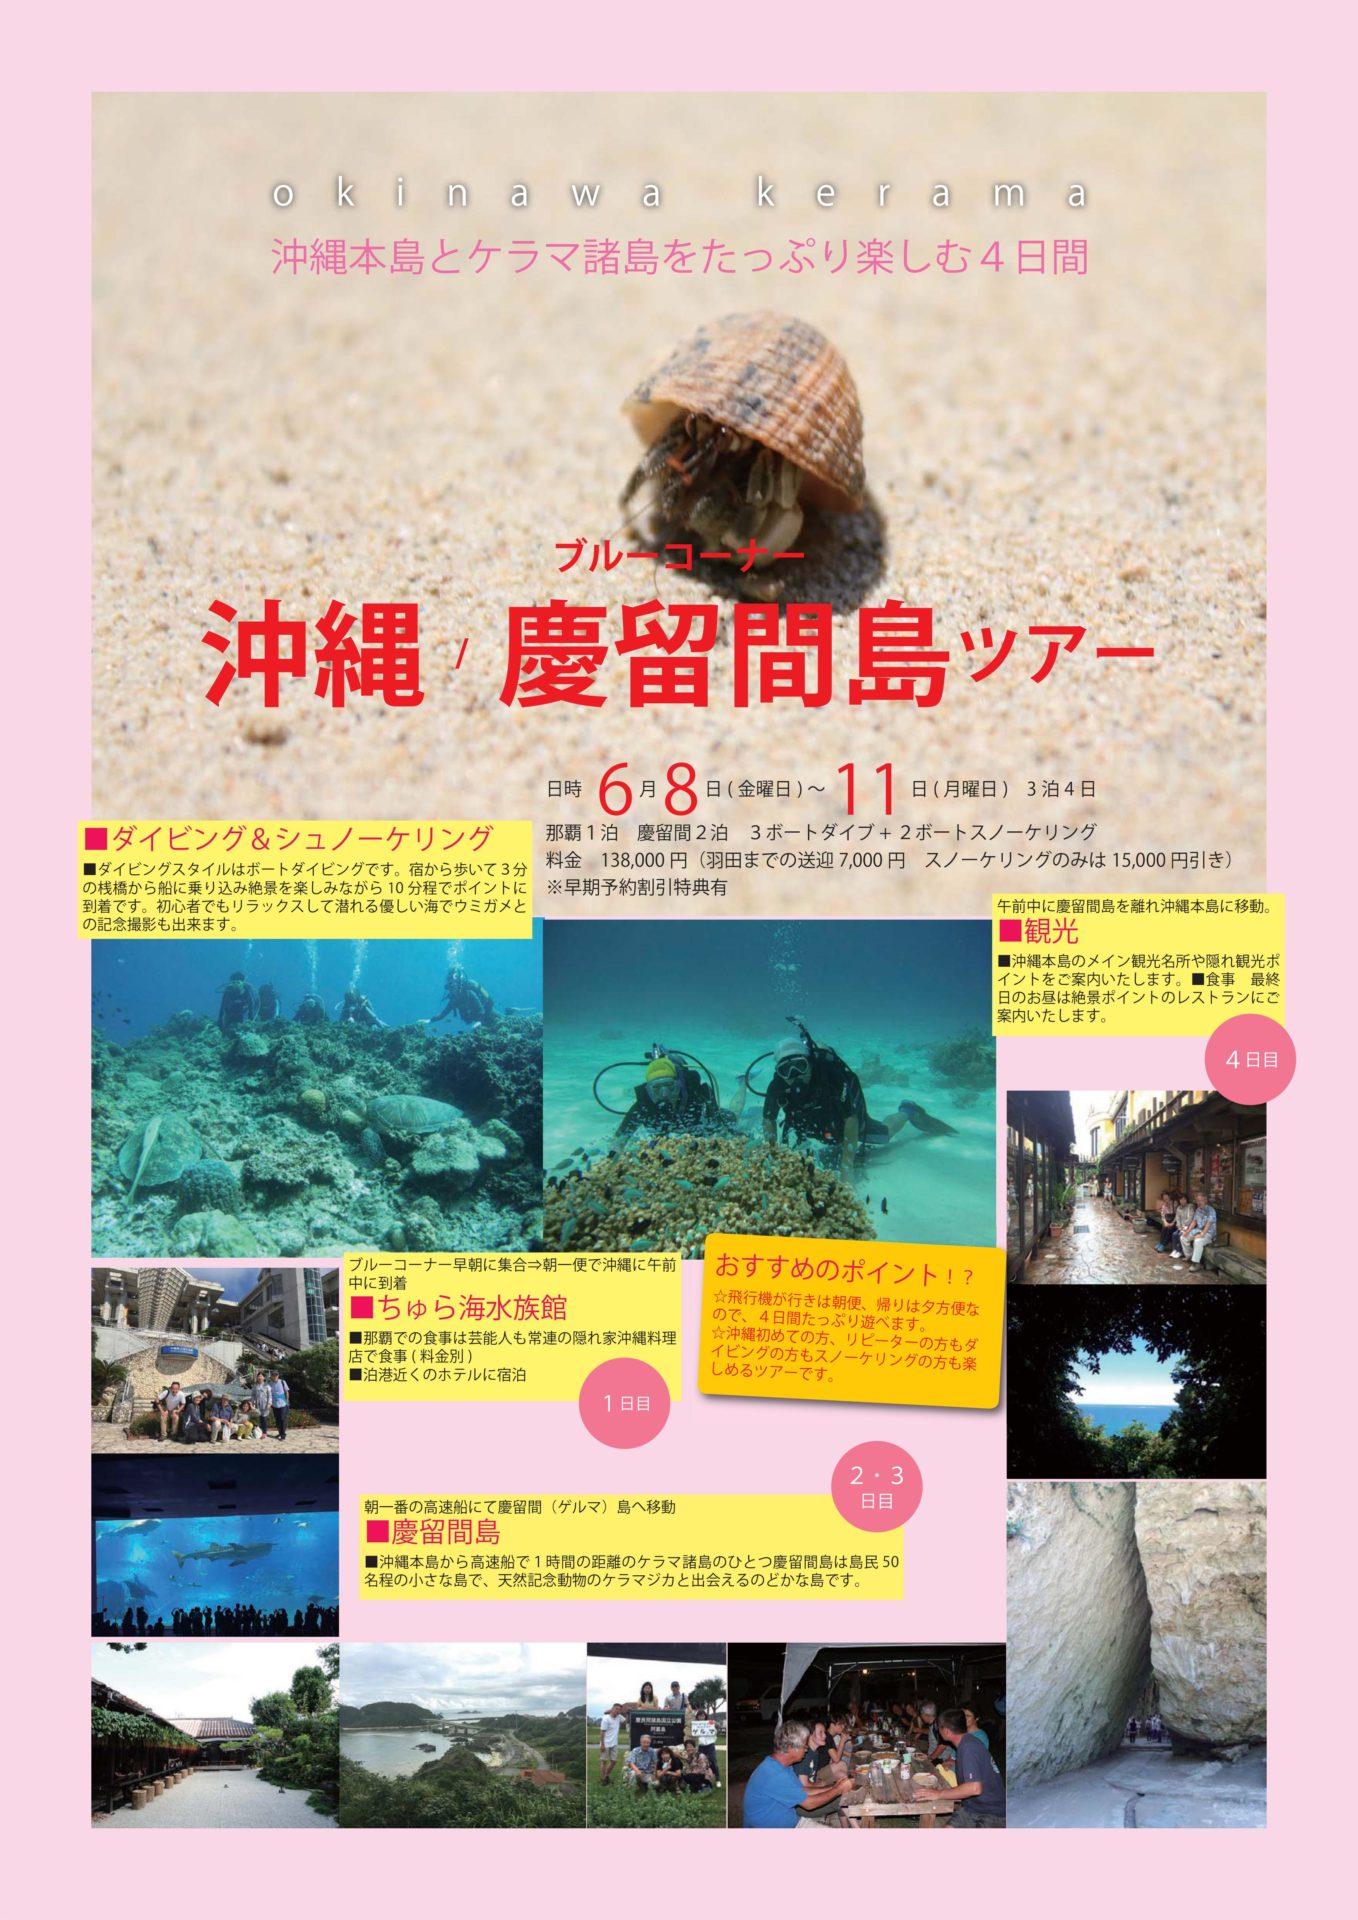 沖縄ツアー日程変更 お早めにお申し込み下さい。